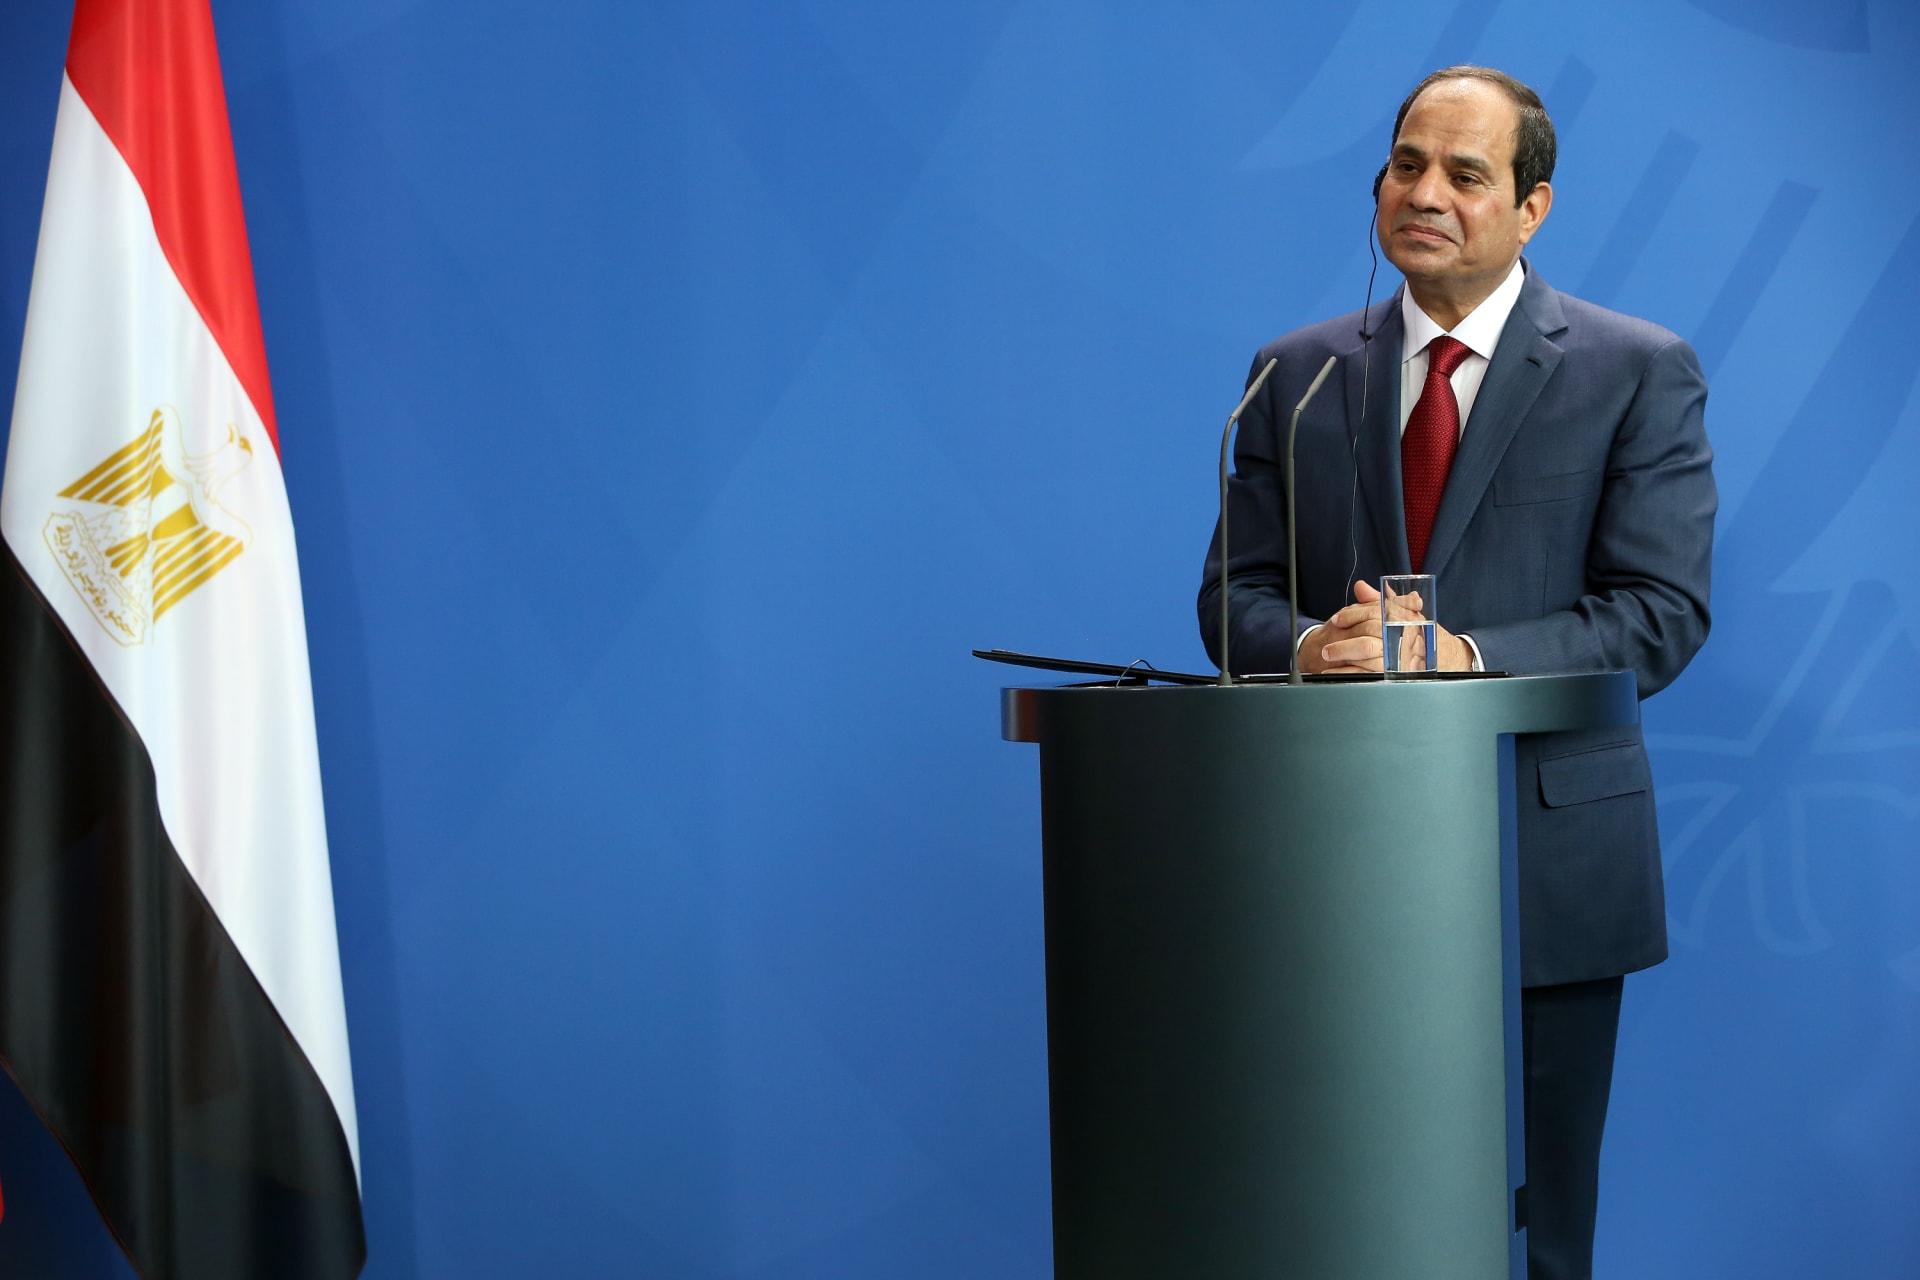 """ماكرون يتصل بالسيسي.. والرئيس المصري يتحدث عن الدول """"المتاجرة"""" بالإسلام لتأجيج المشاعر"""